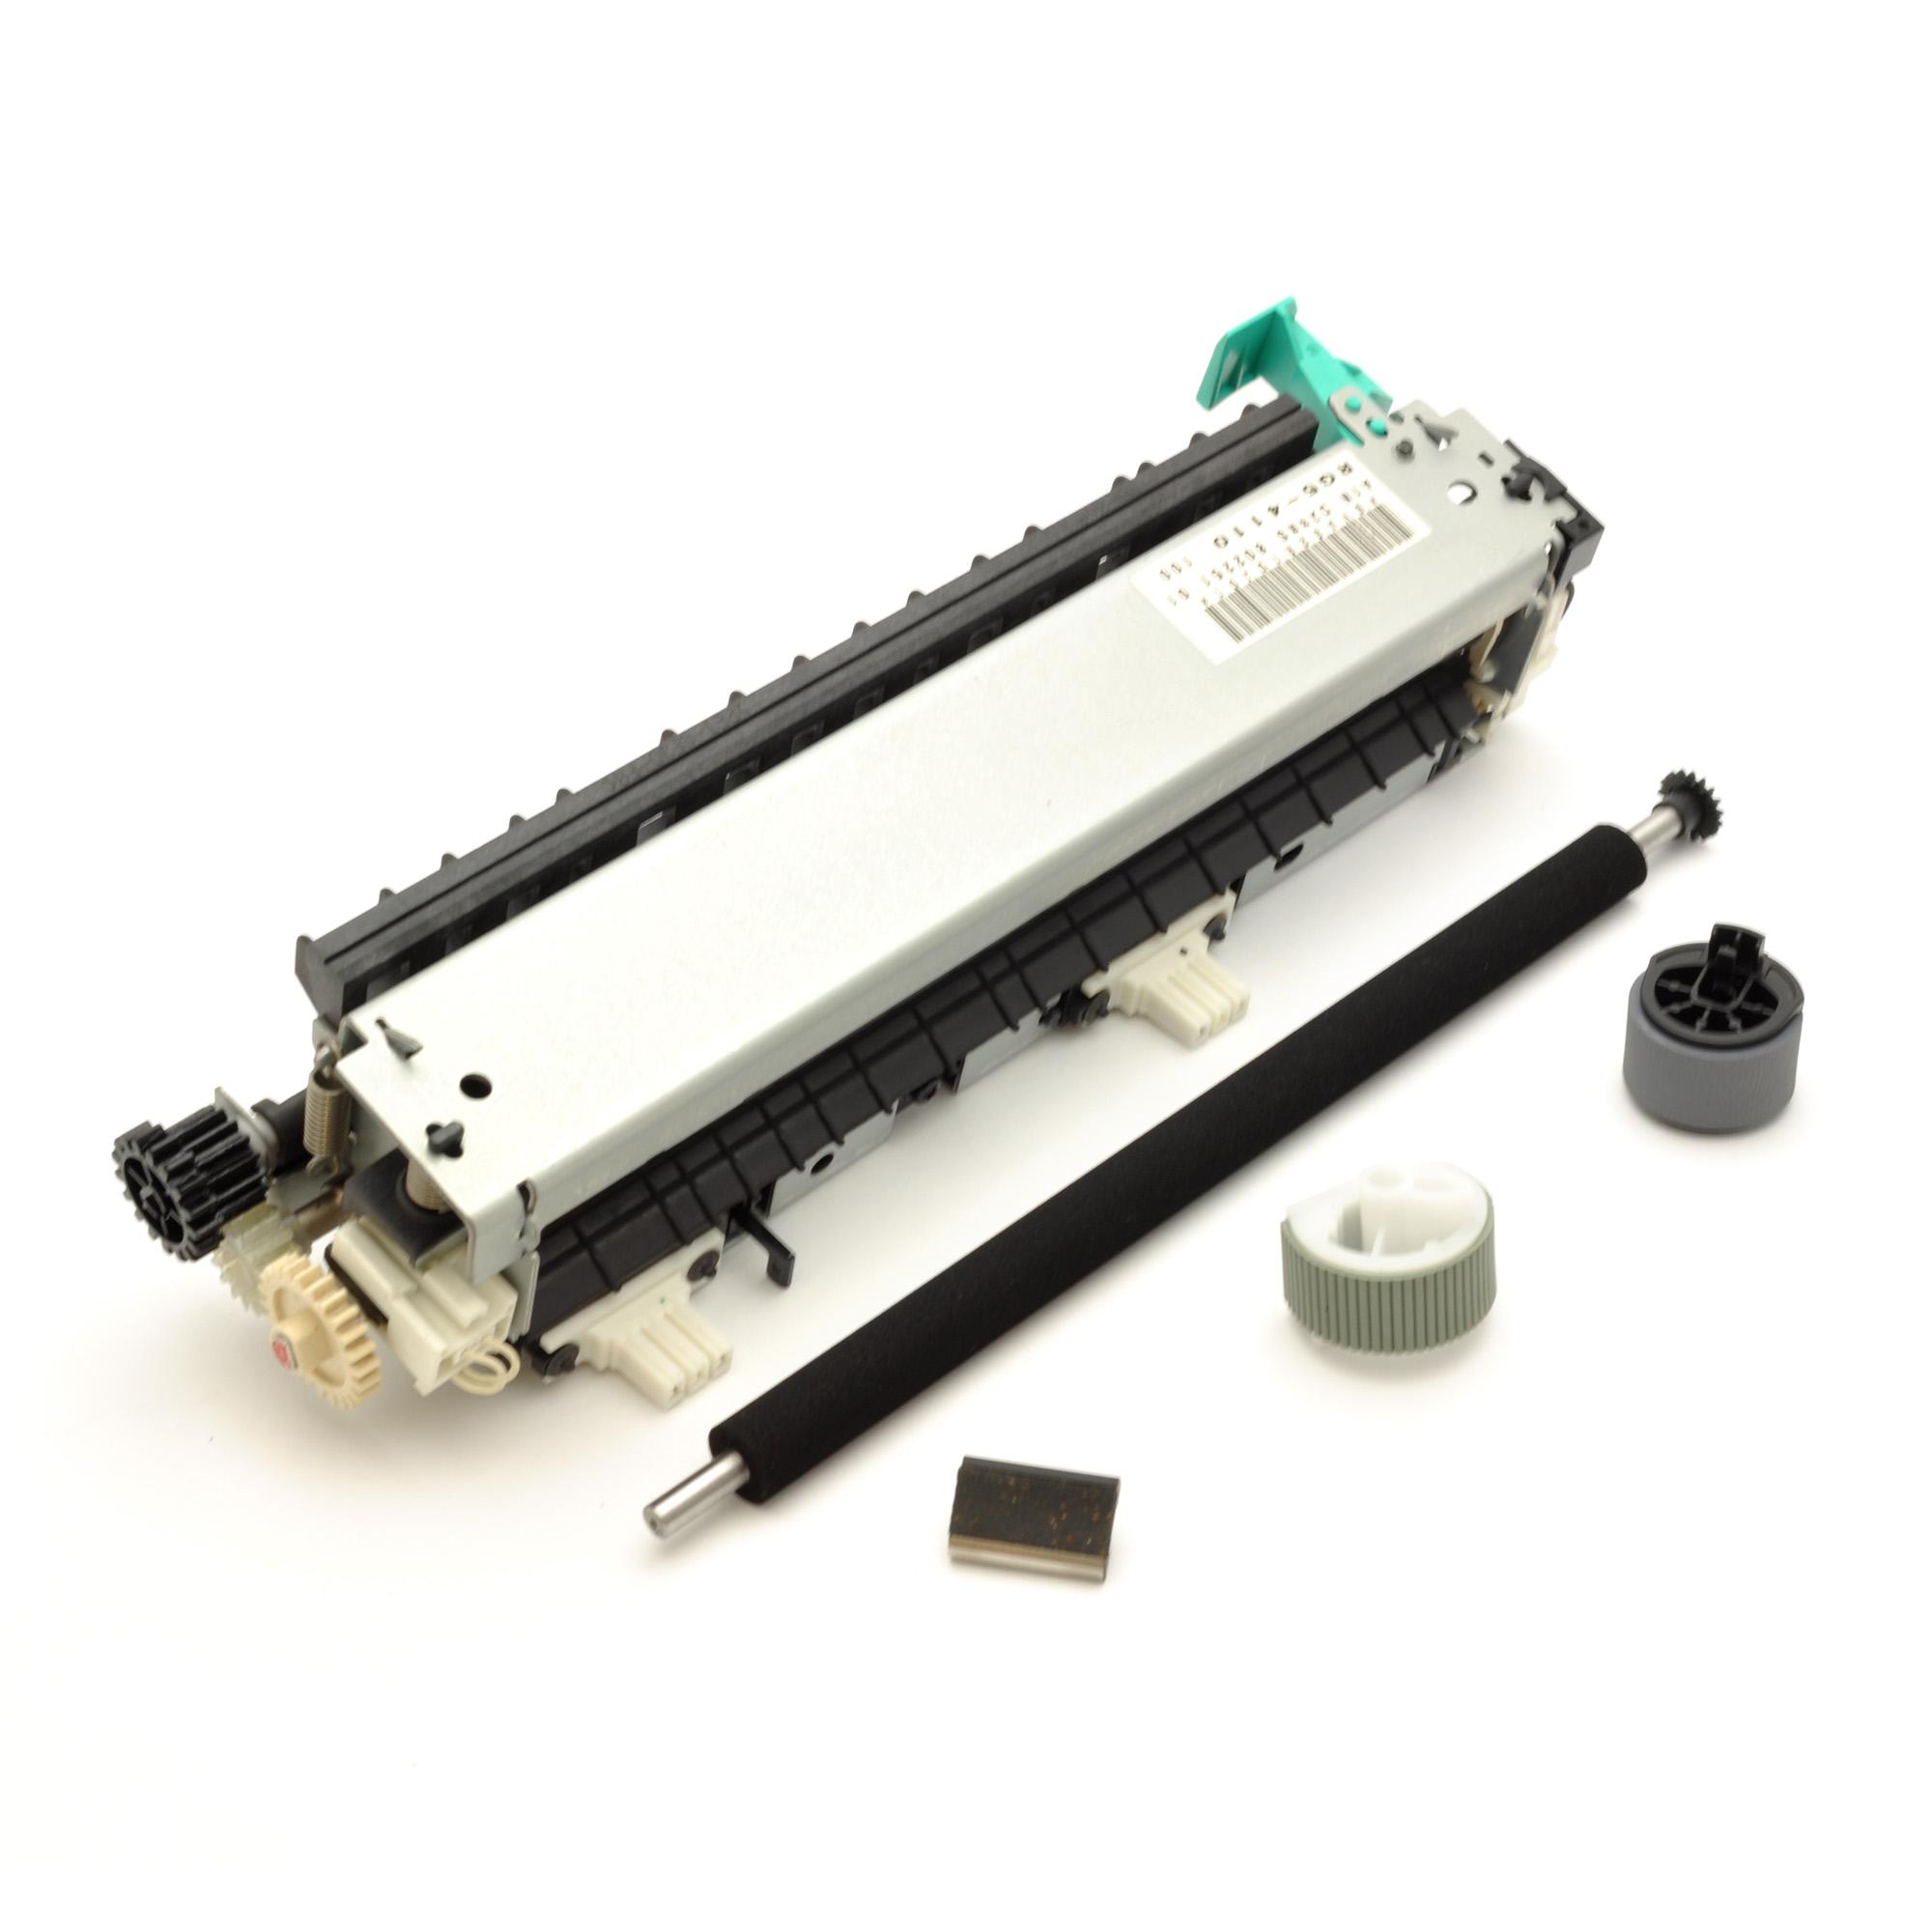 hp laserjet 6p printer parts partsmart. Black Bedroom Furniture Sets. Home Design Ideas